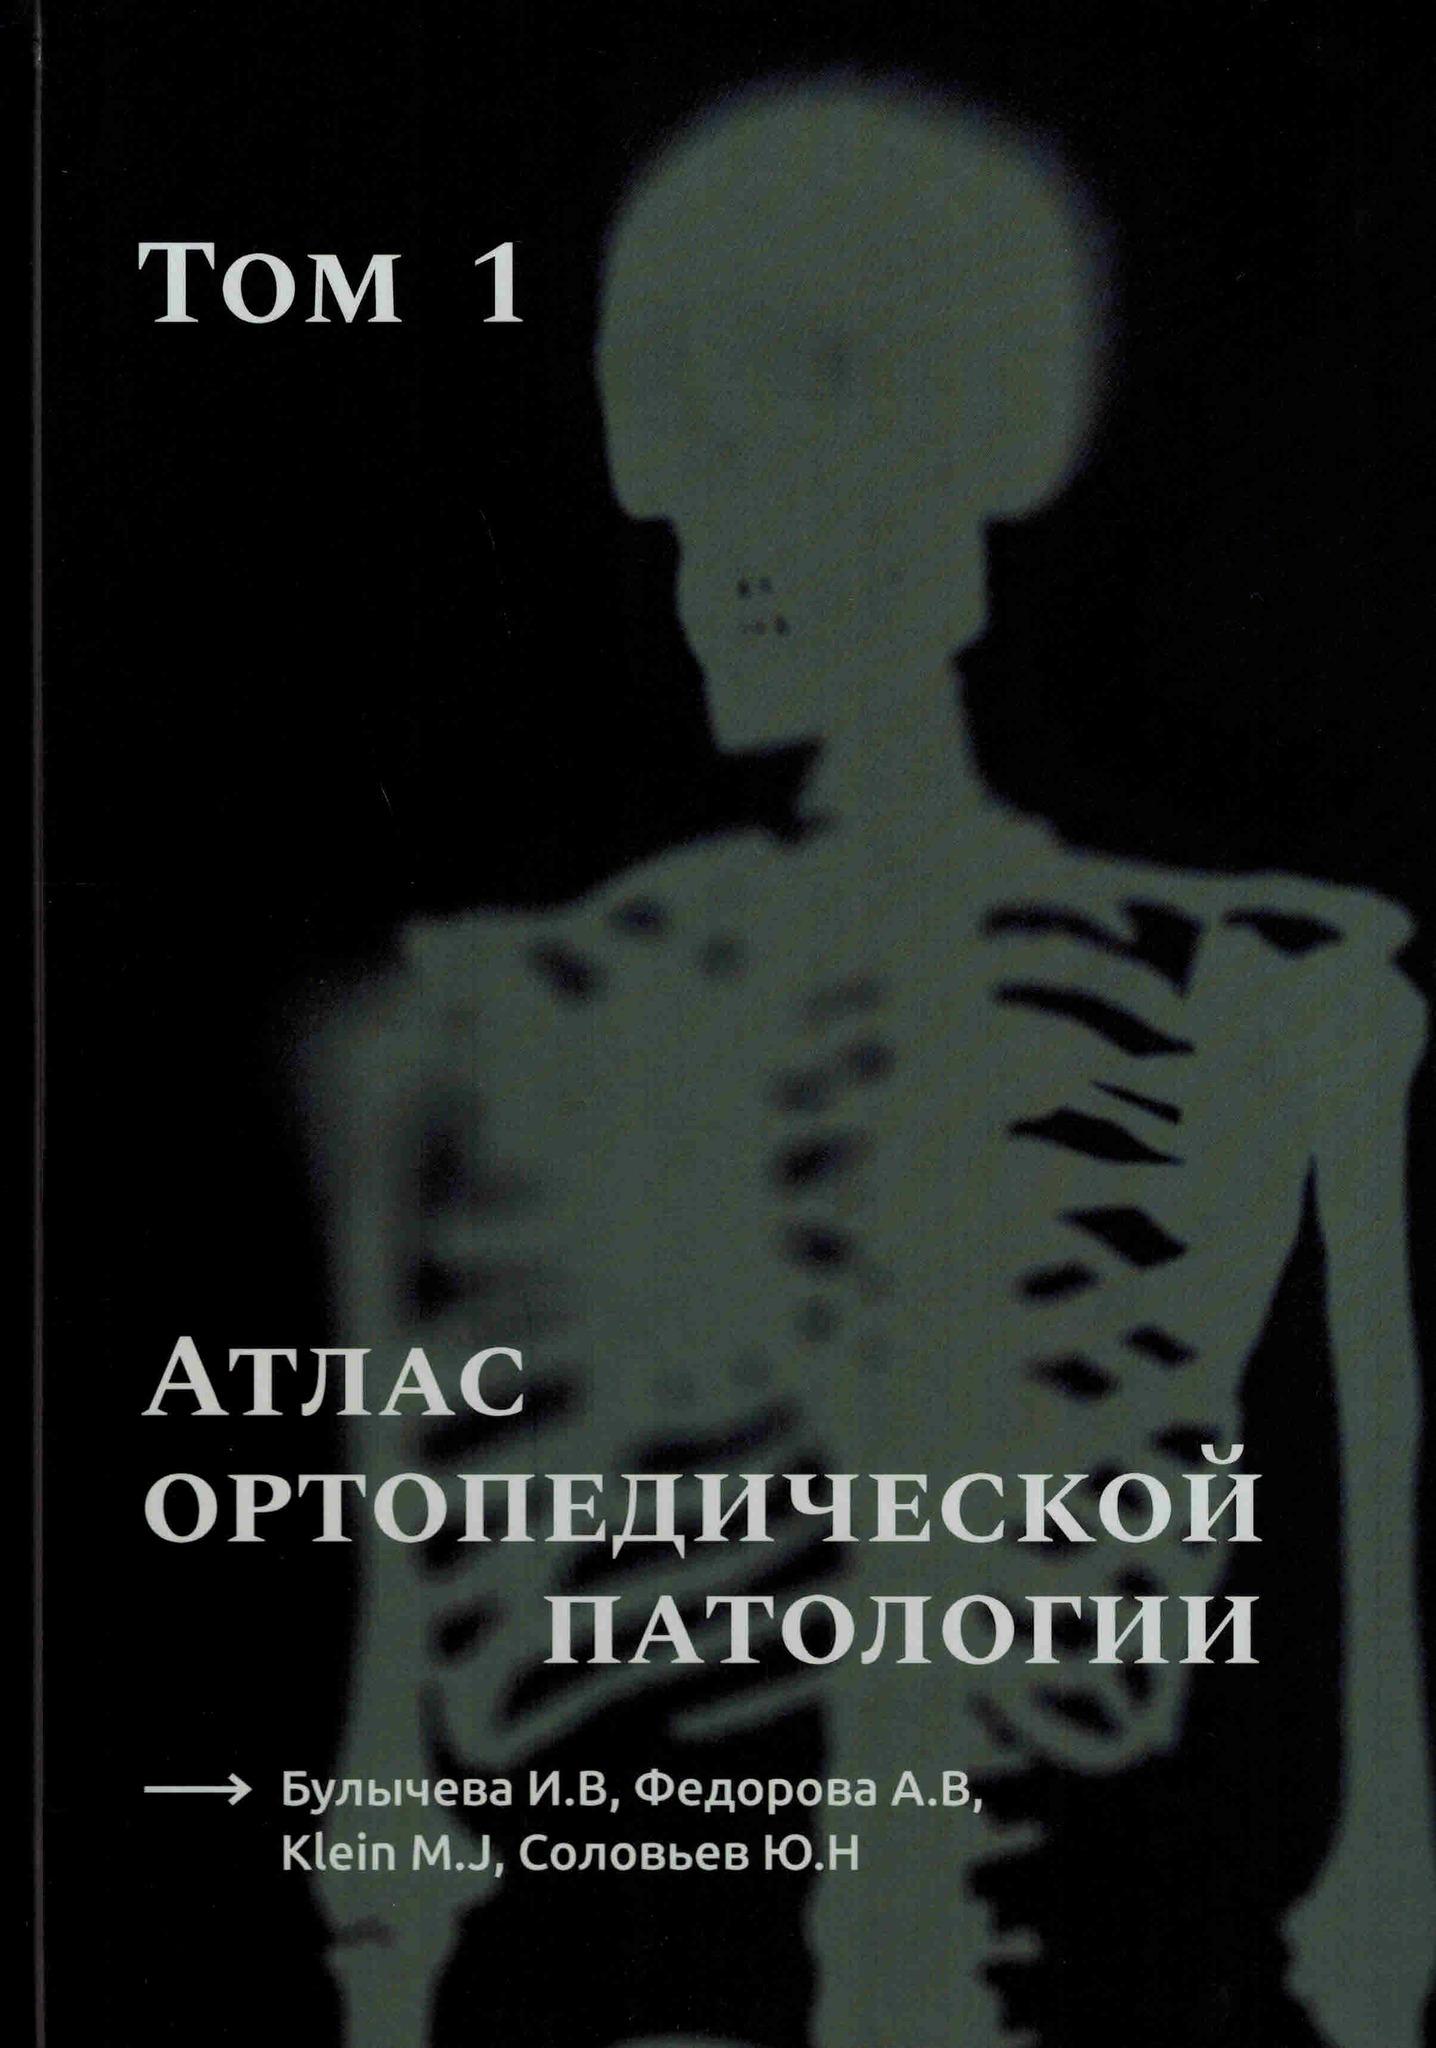 Новинки Атлас ортопедической патологии. Том 1 aop.jpg